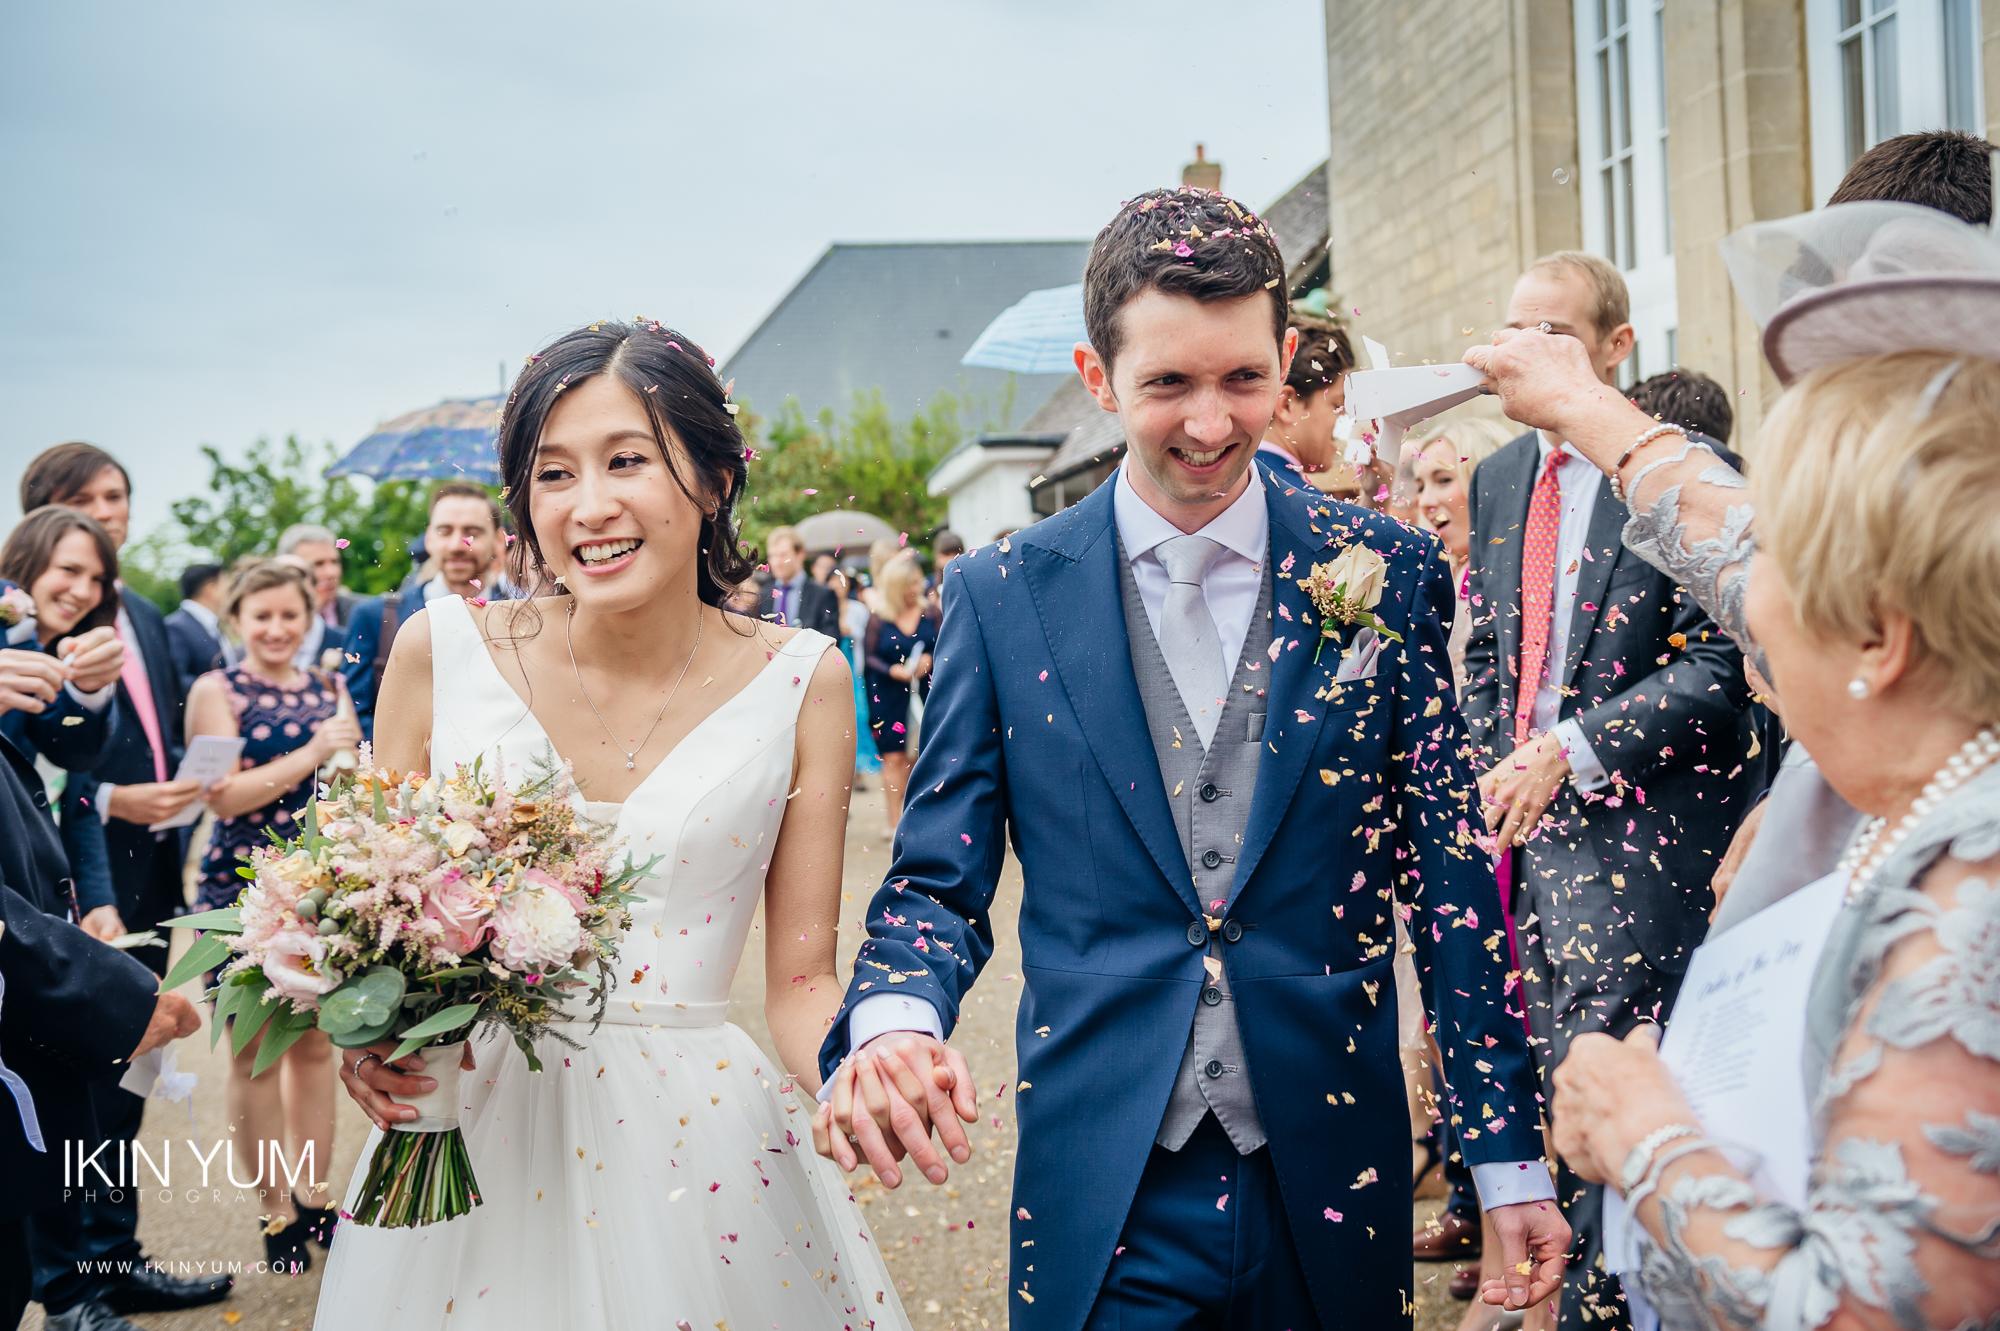 Nicola & Jonny Wedding Day - Ikin Yum Photography-087.jpg